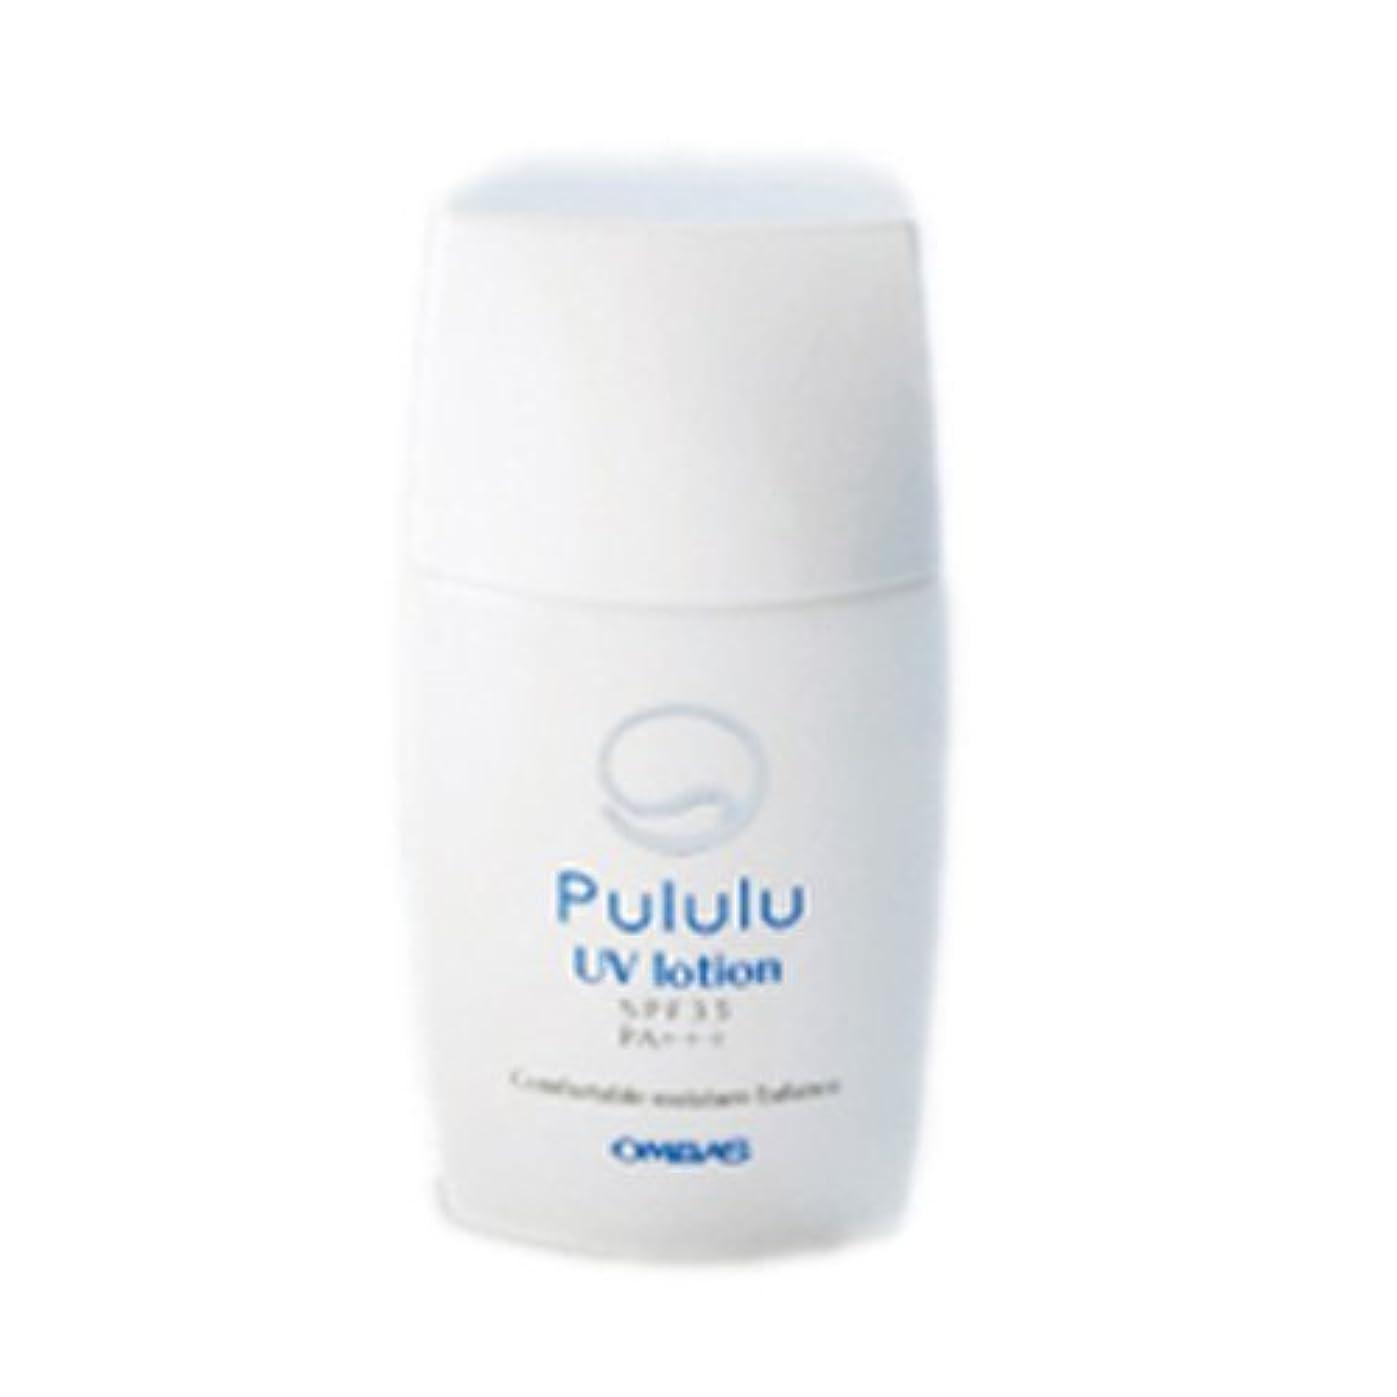 フレット思い出すパキスタンPululu シリーズ Pululu UVローション